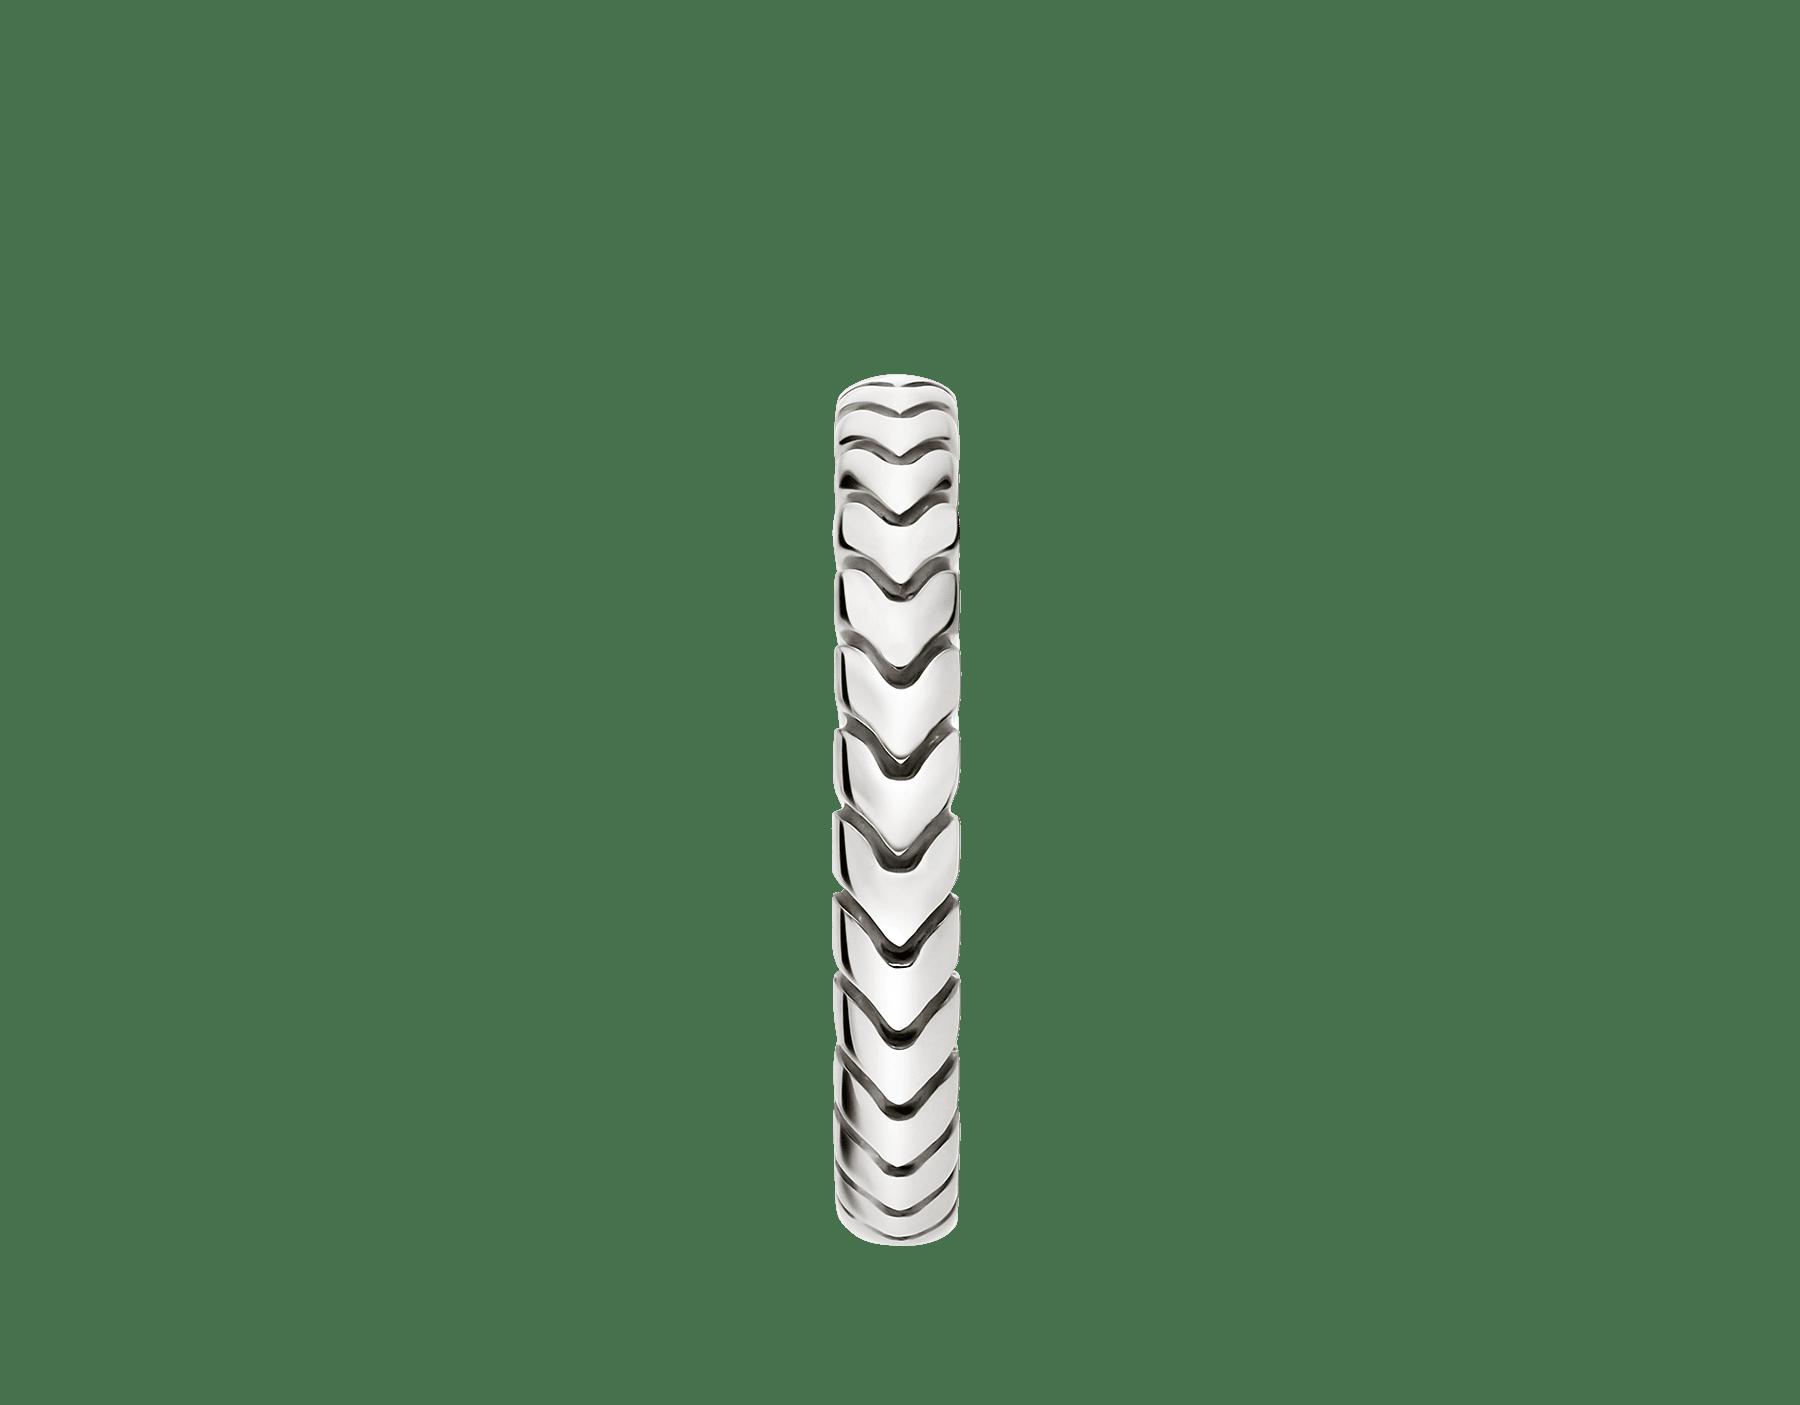 スピガ ウェディング・リング。プラチナ製結婚指輪。(3mm幅) AN856816 image 2